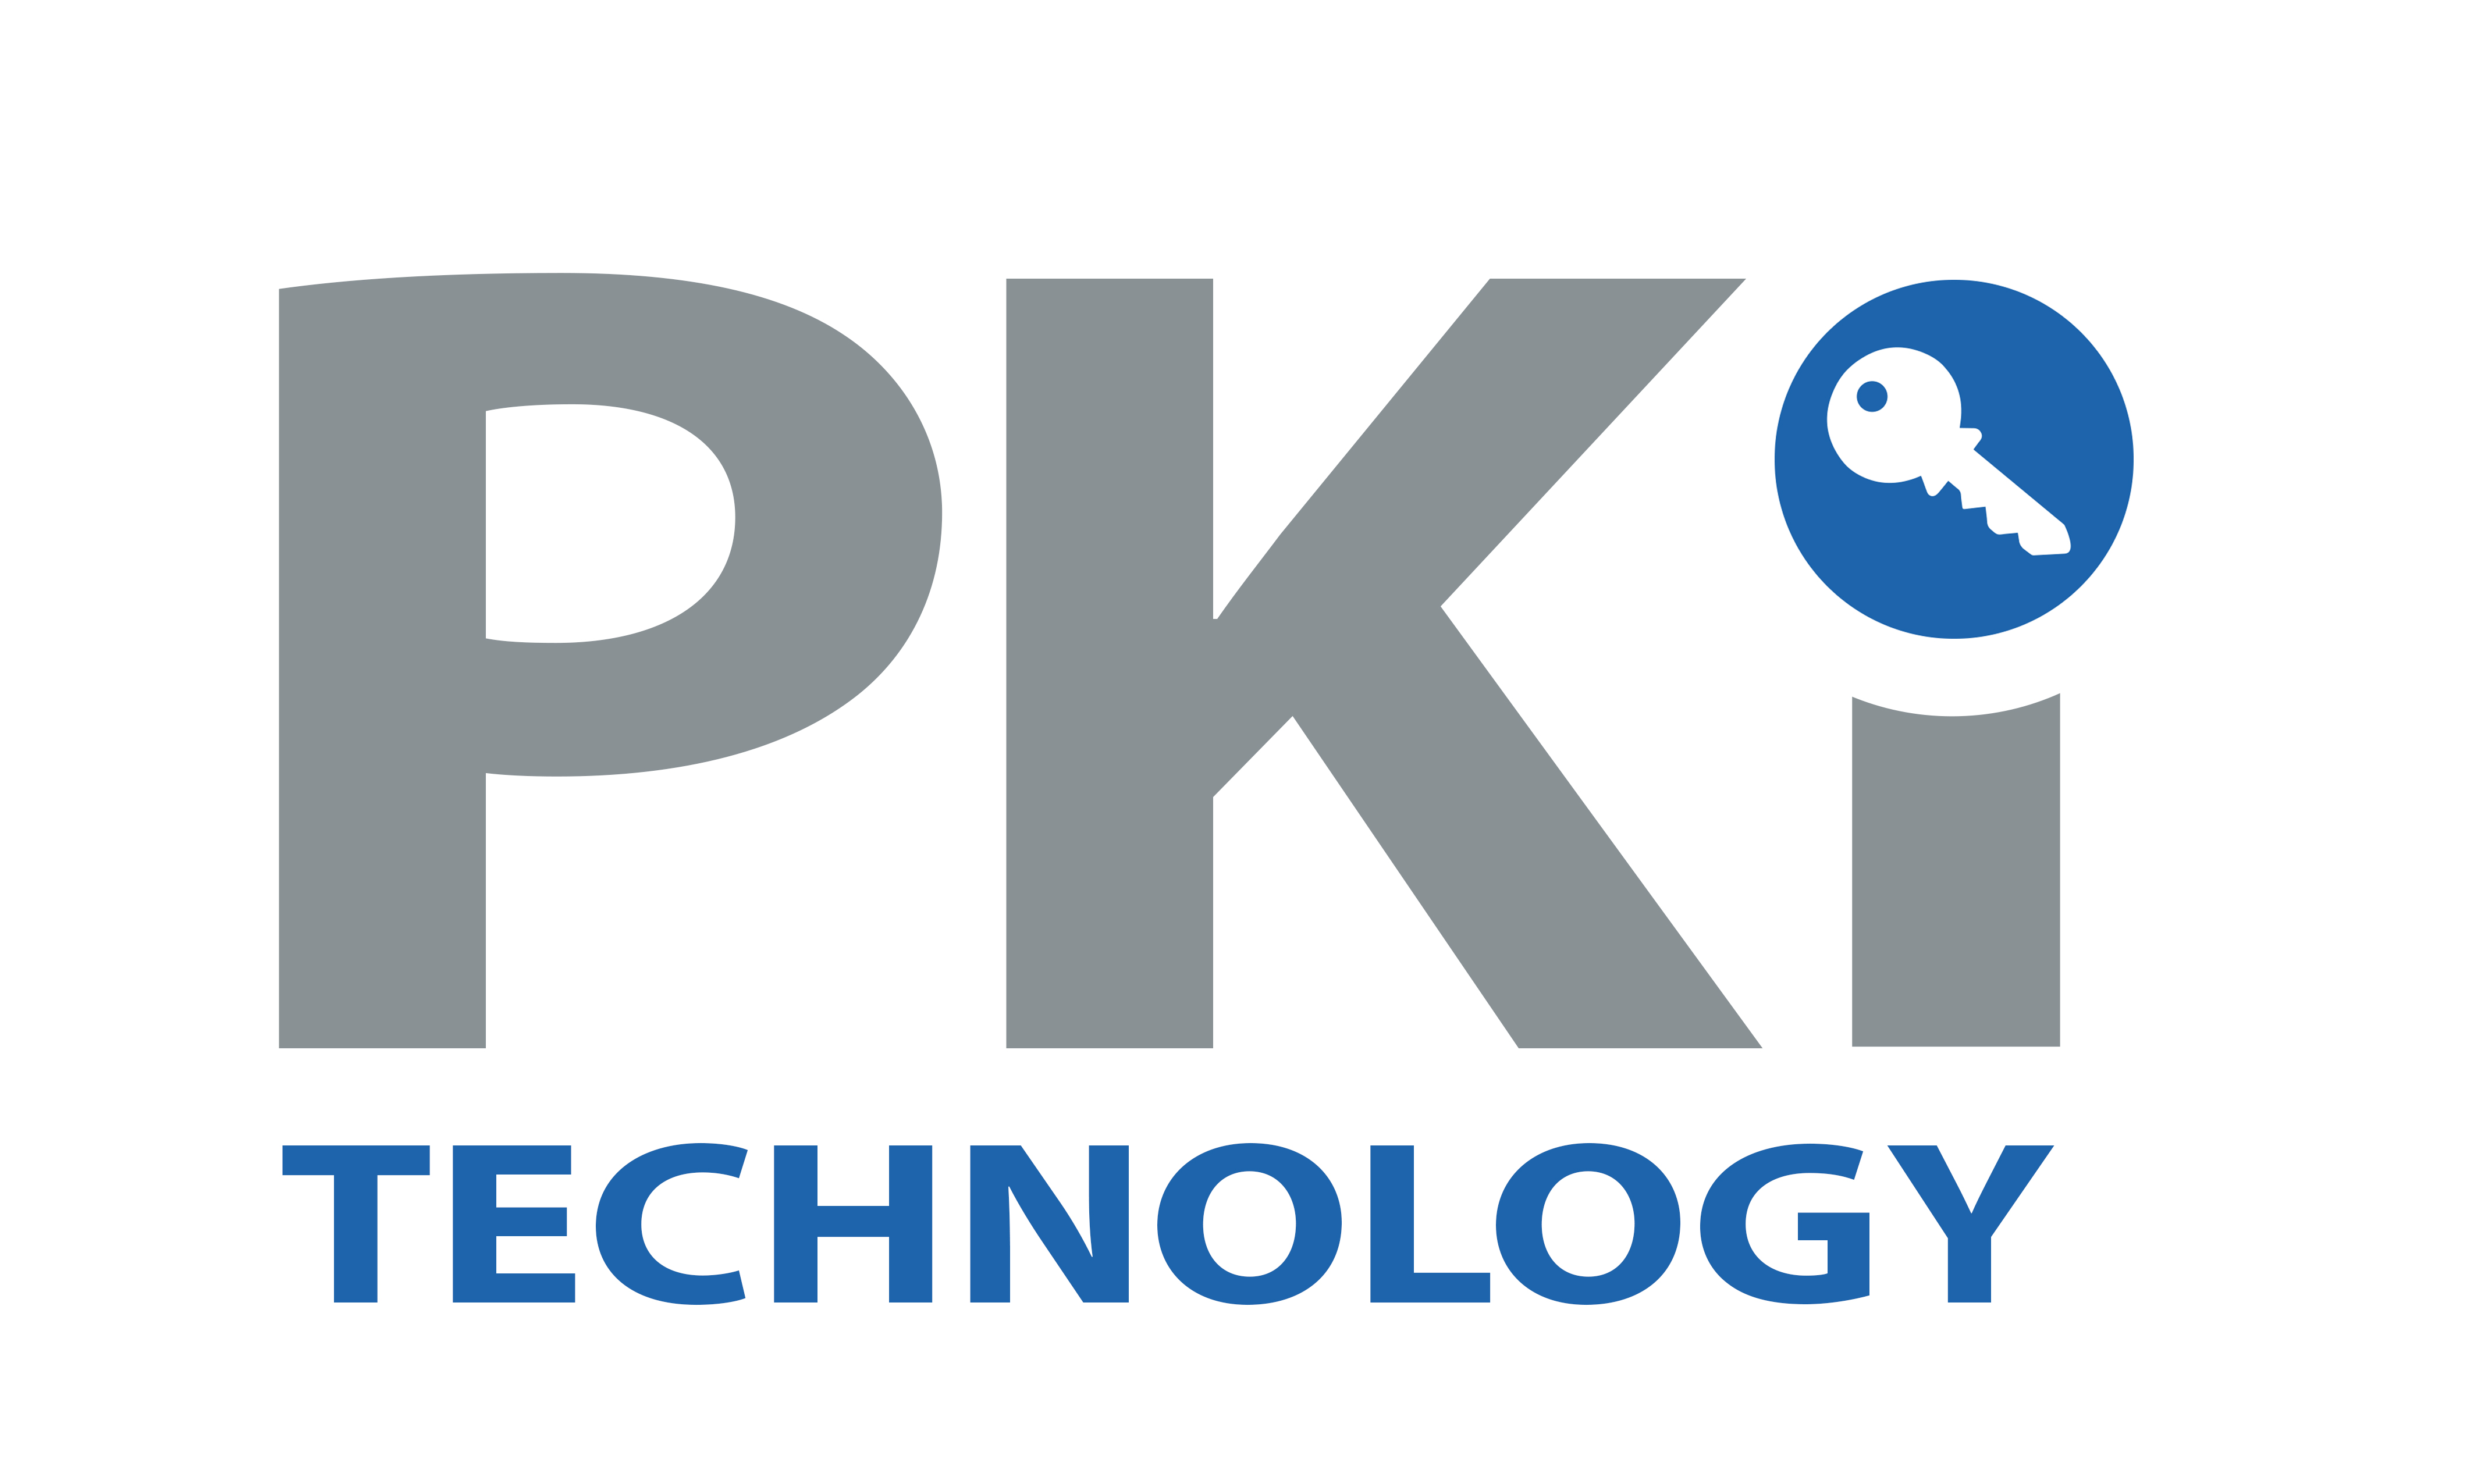 pki technology